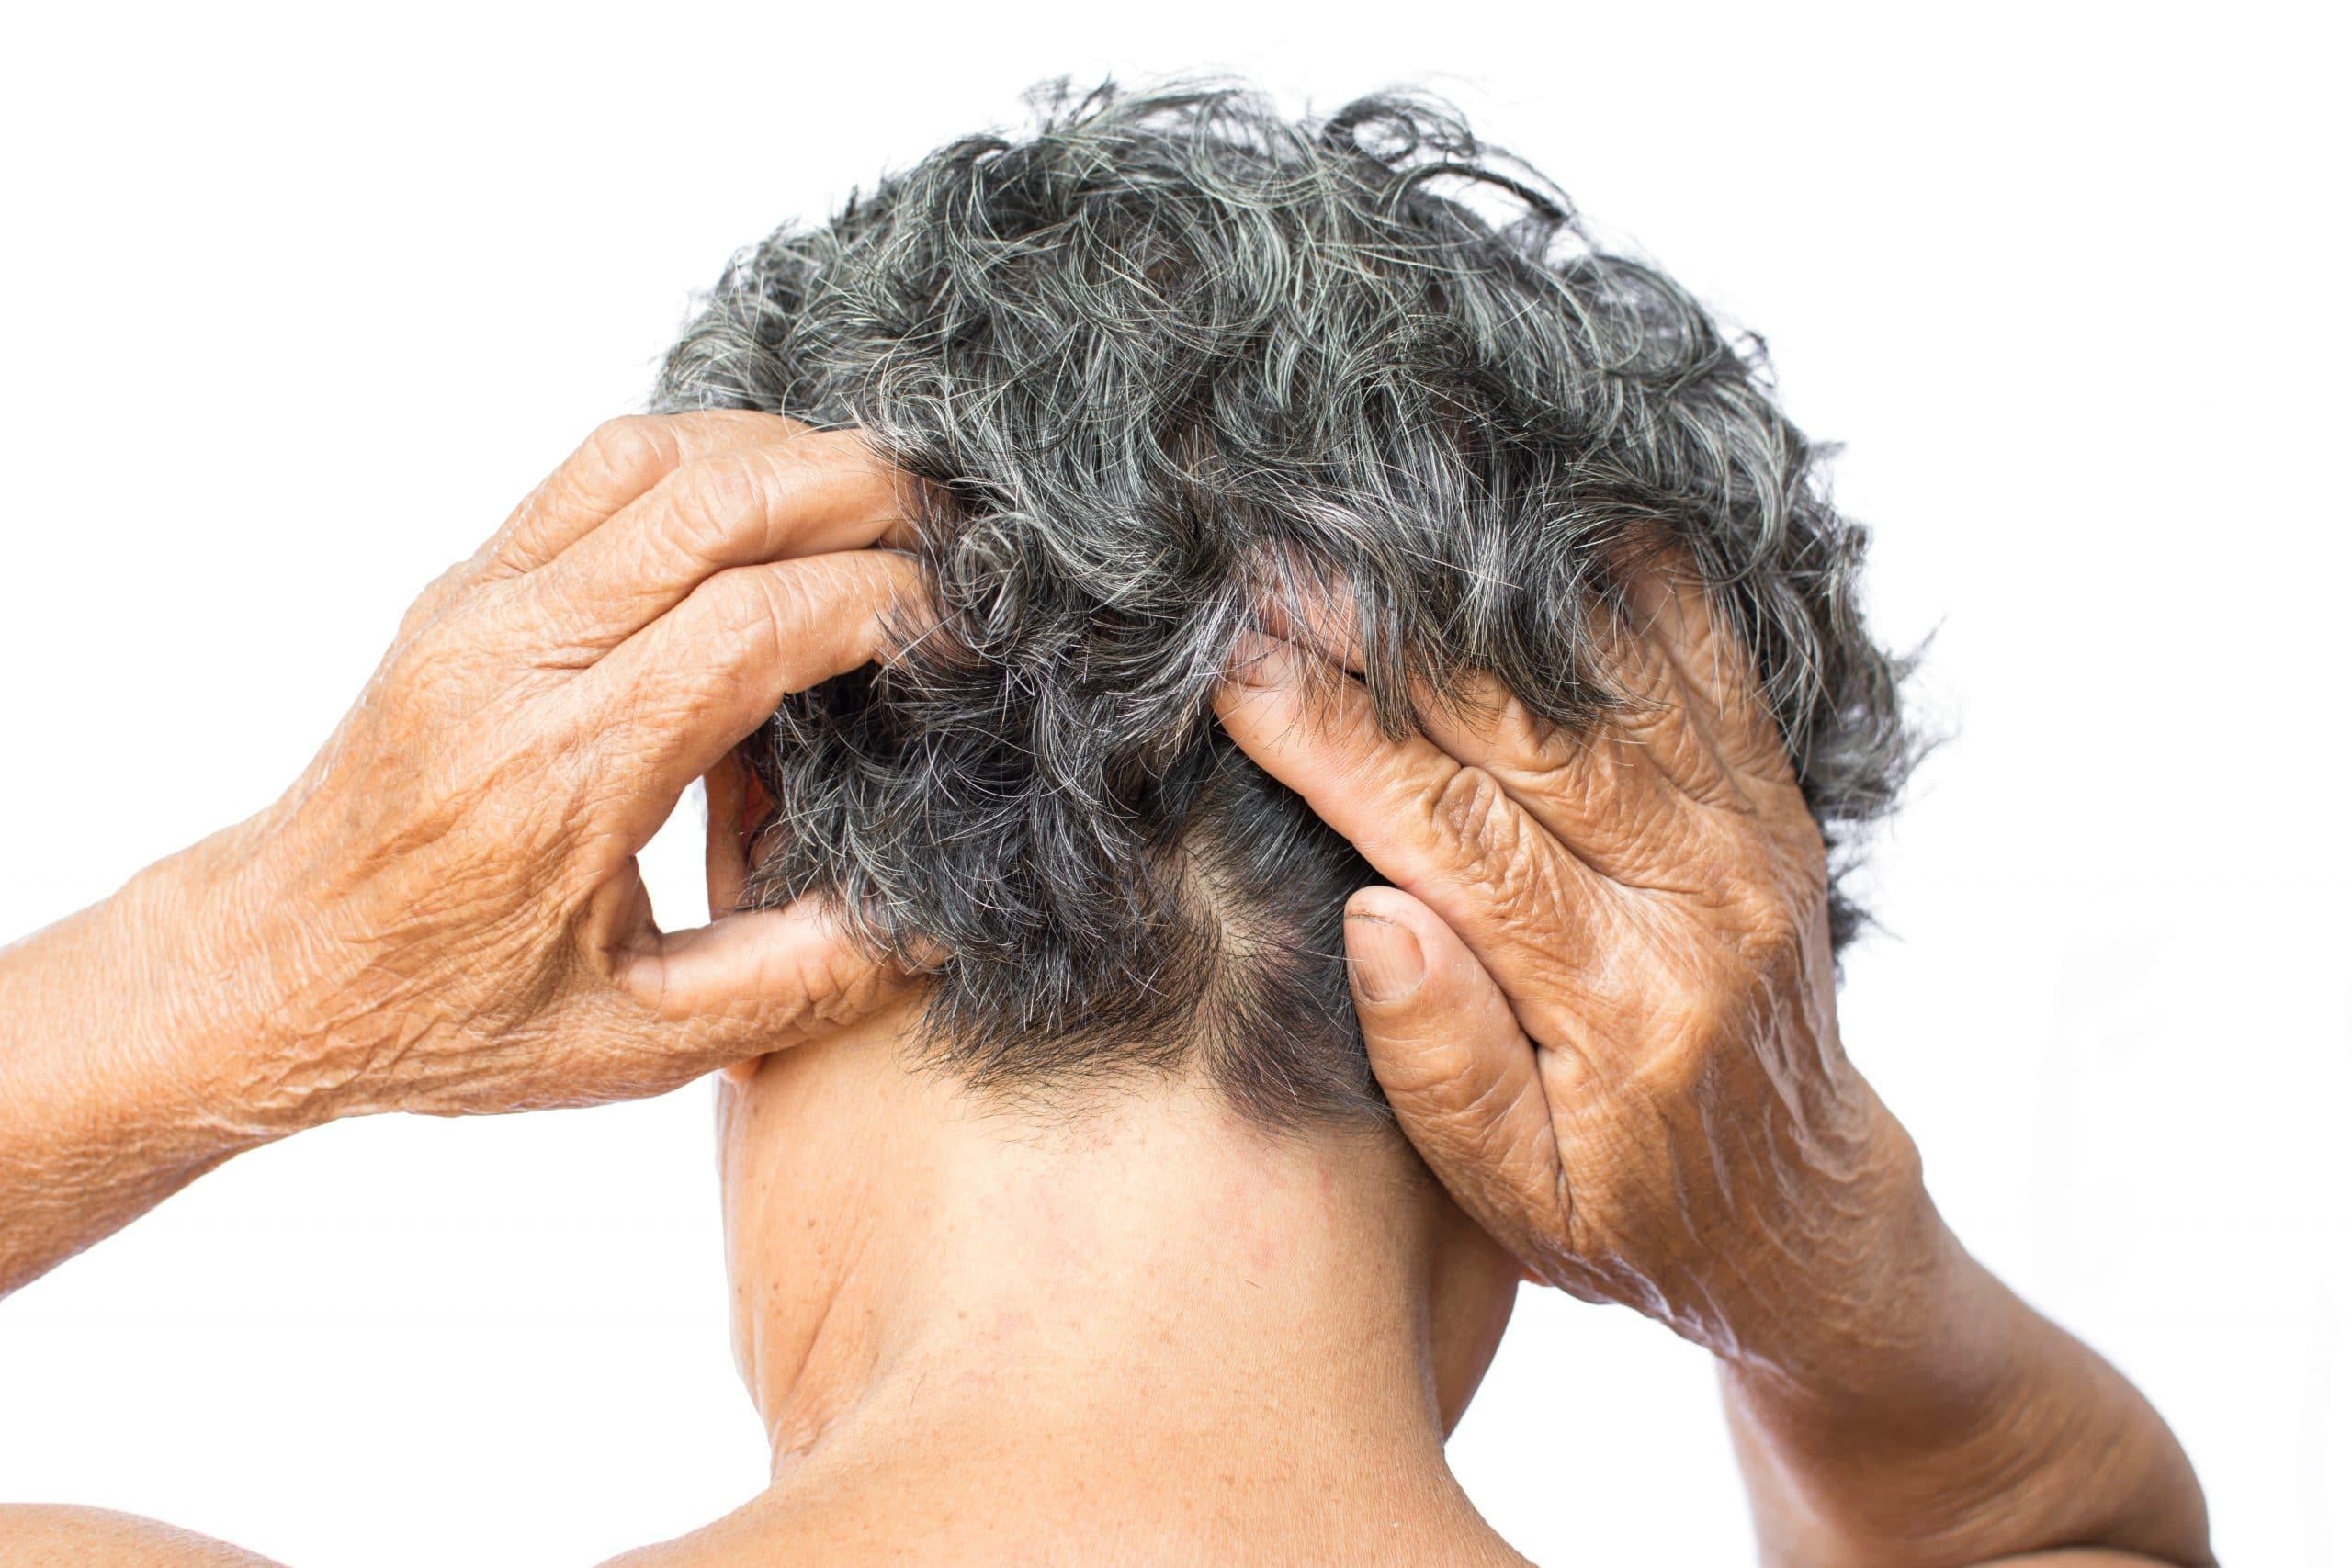 irritating scalp psoriasis